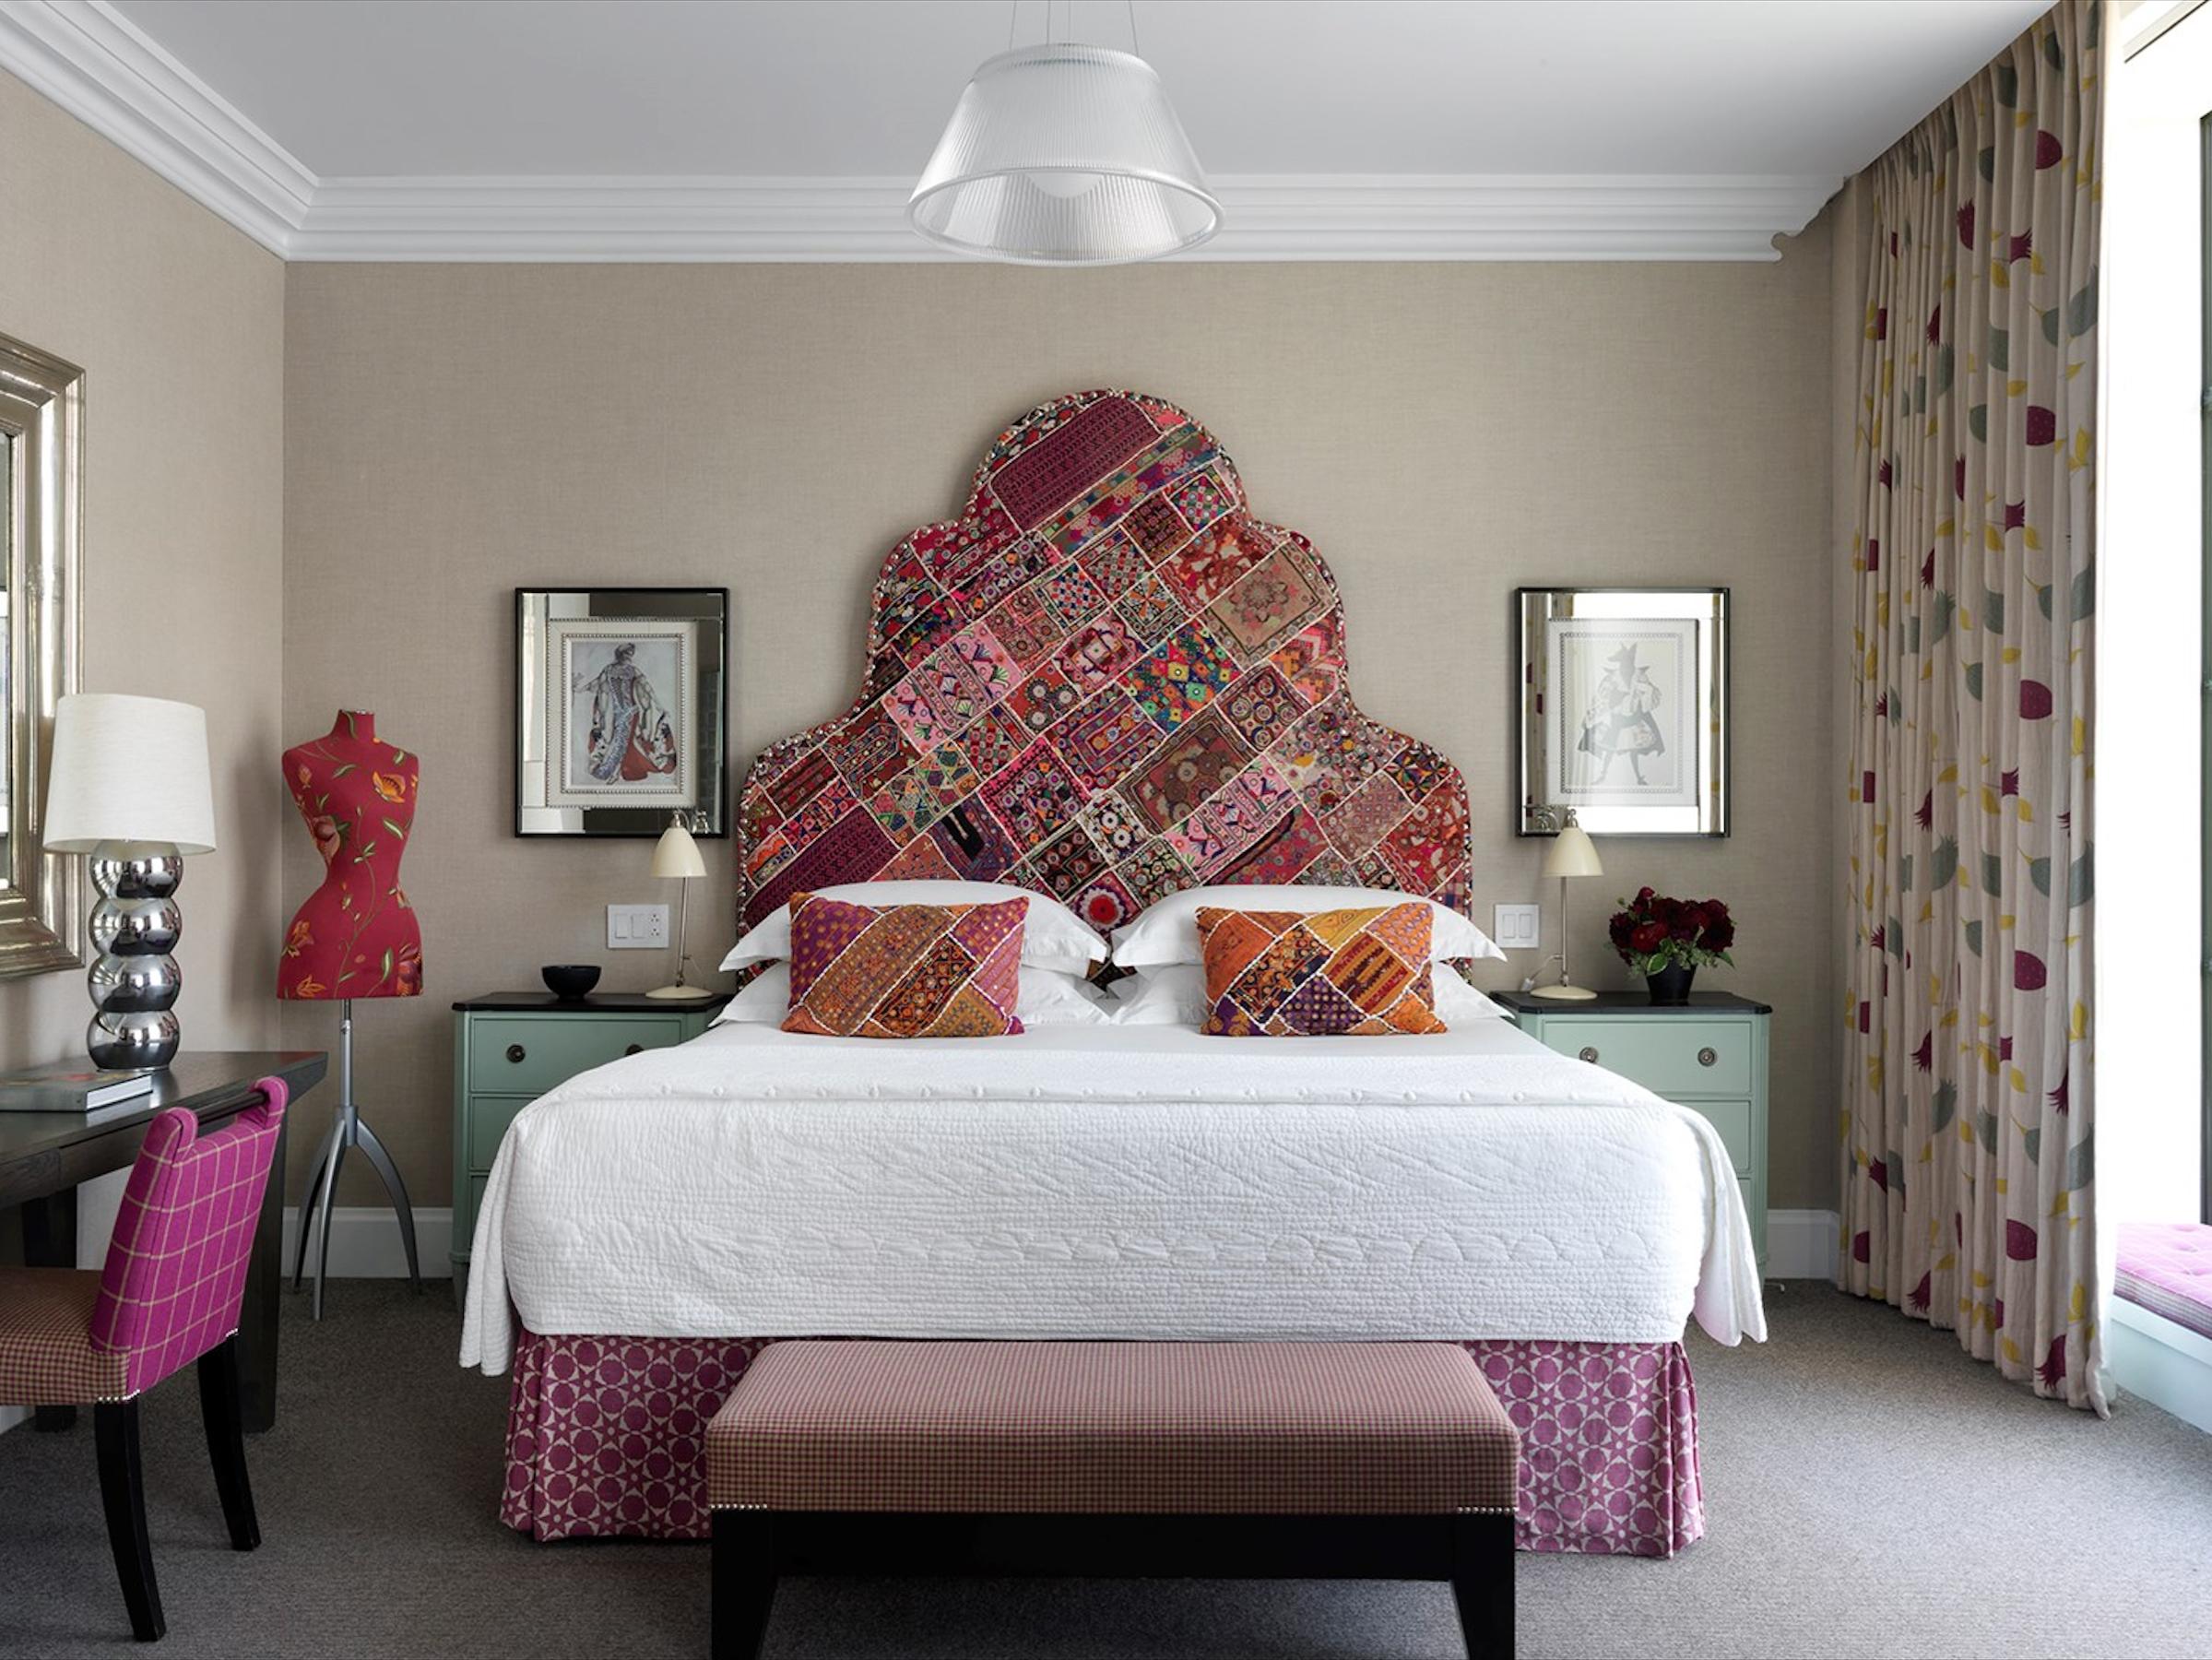 Crosby Street Hotel ✩✩✩✩✩ - Стандартный номер:От $650 за ночь(В зависимости от сезона)Район: СОХО